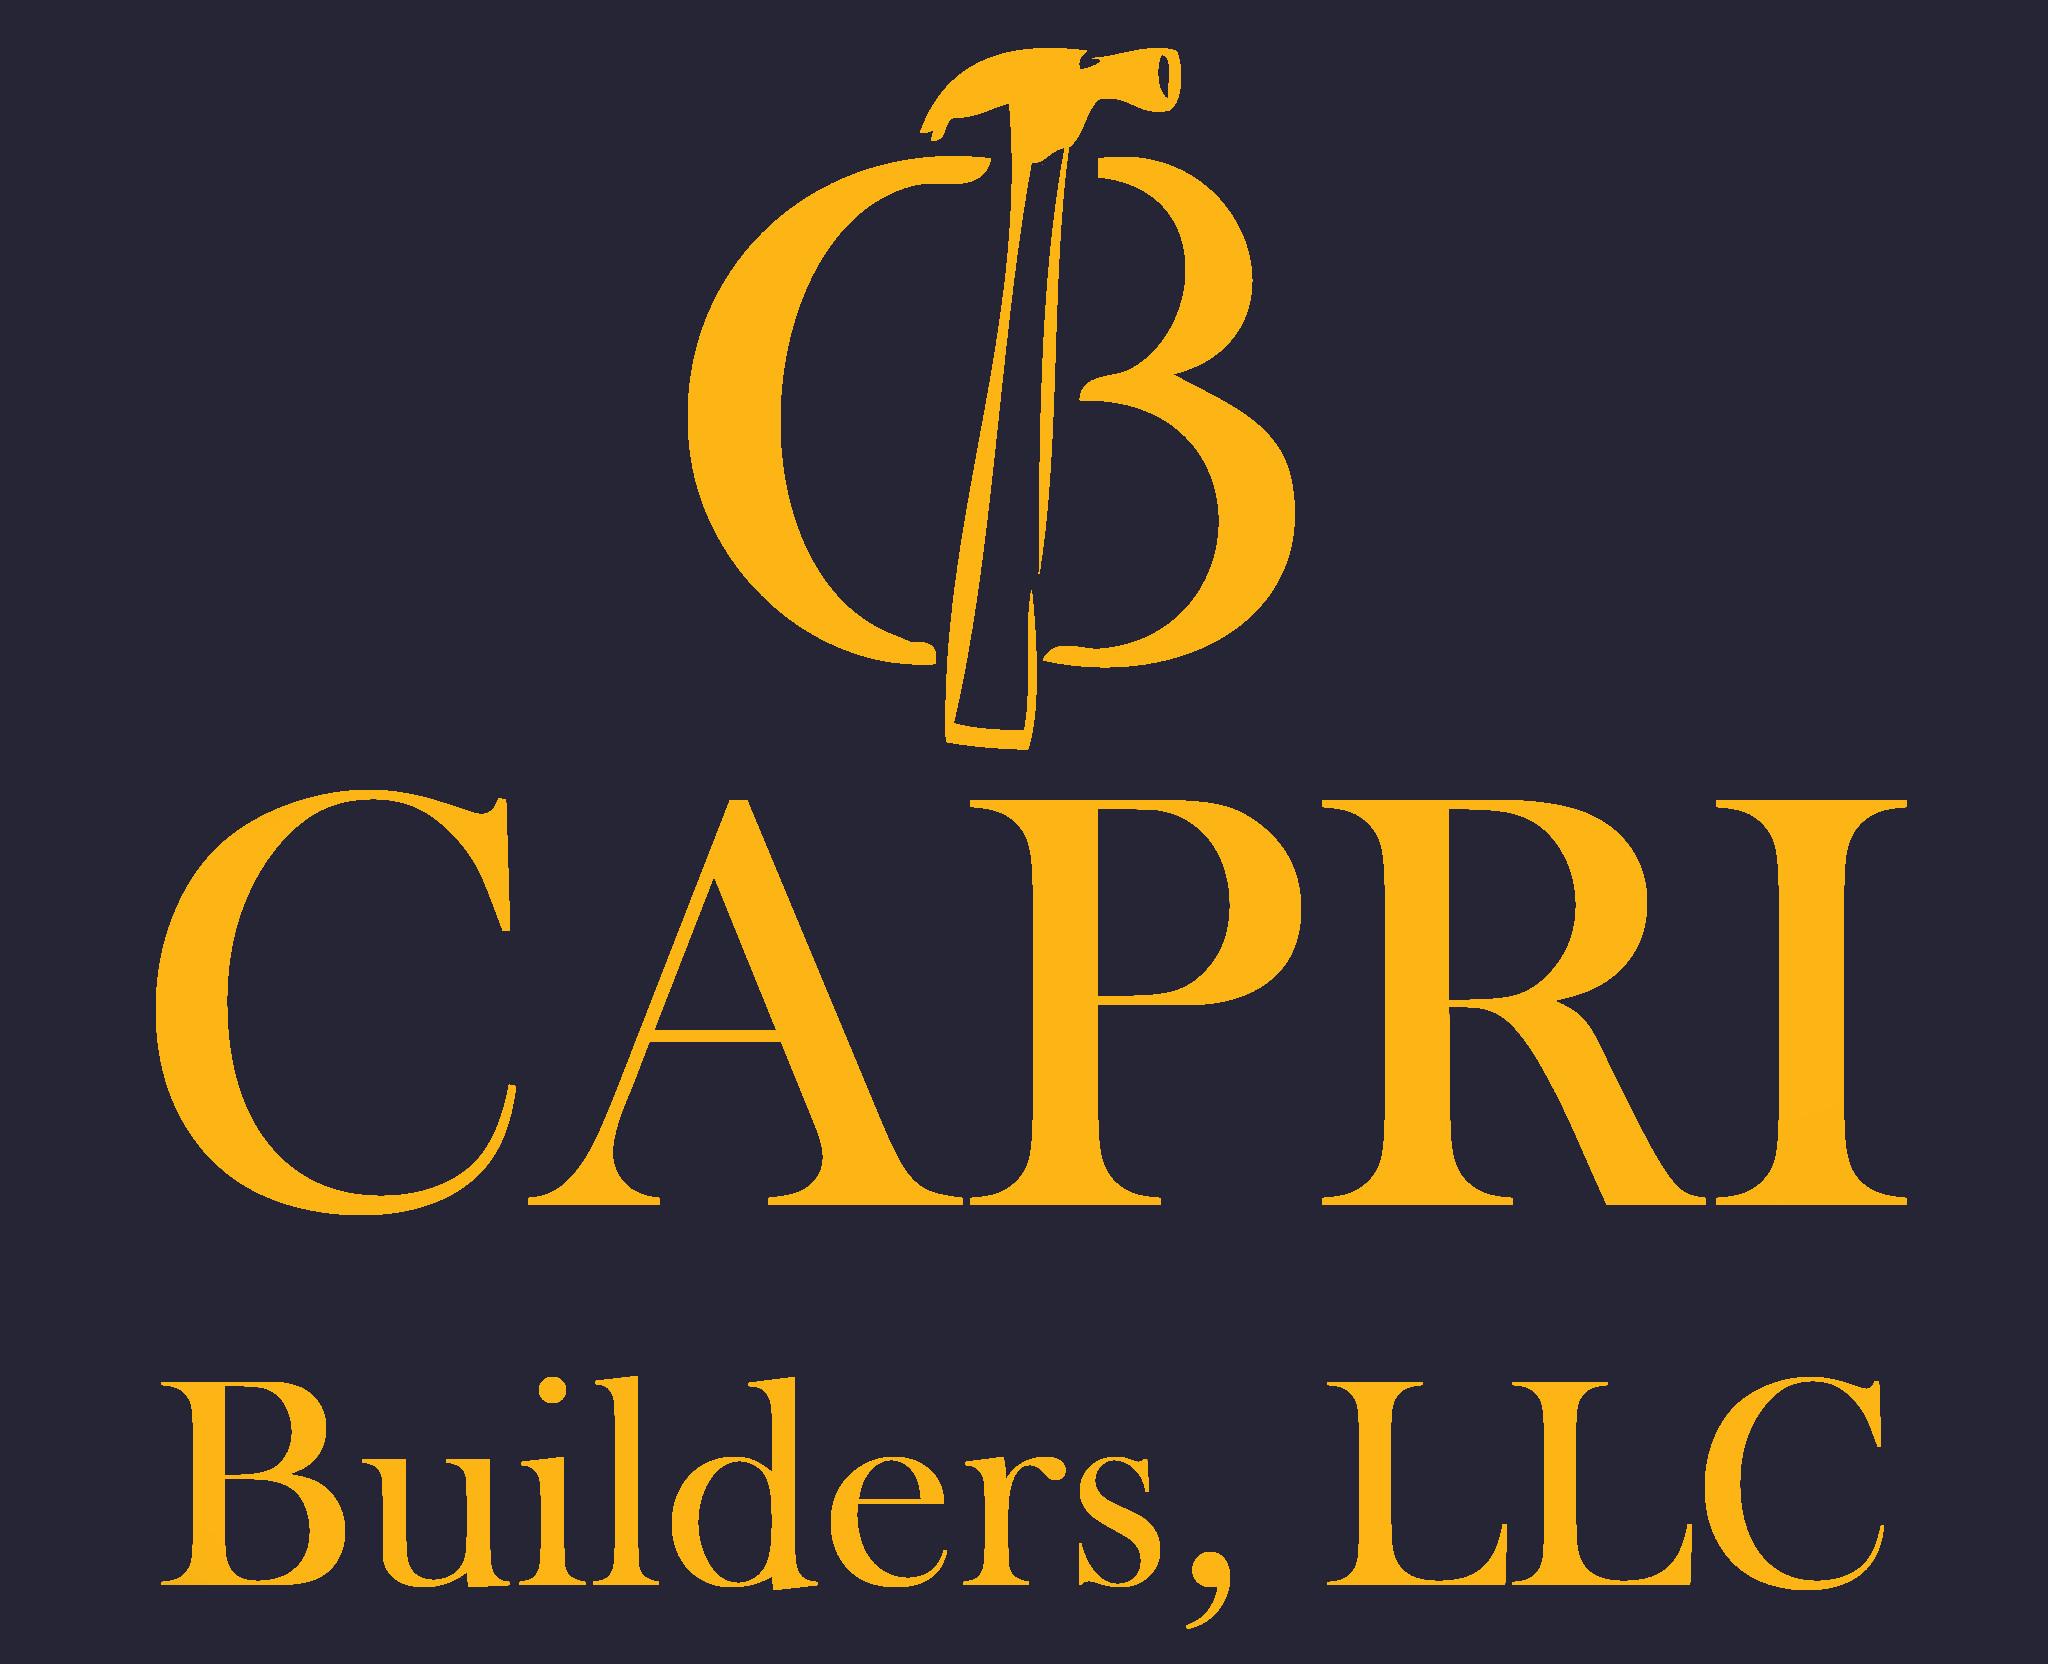 Capri Builders, LLC